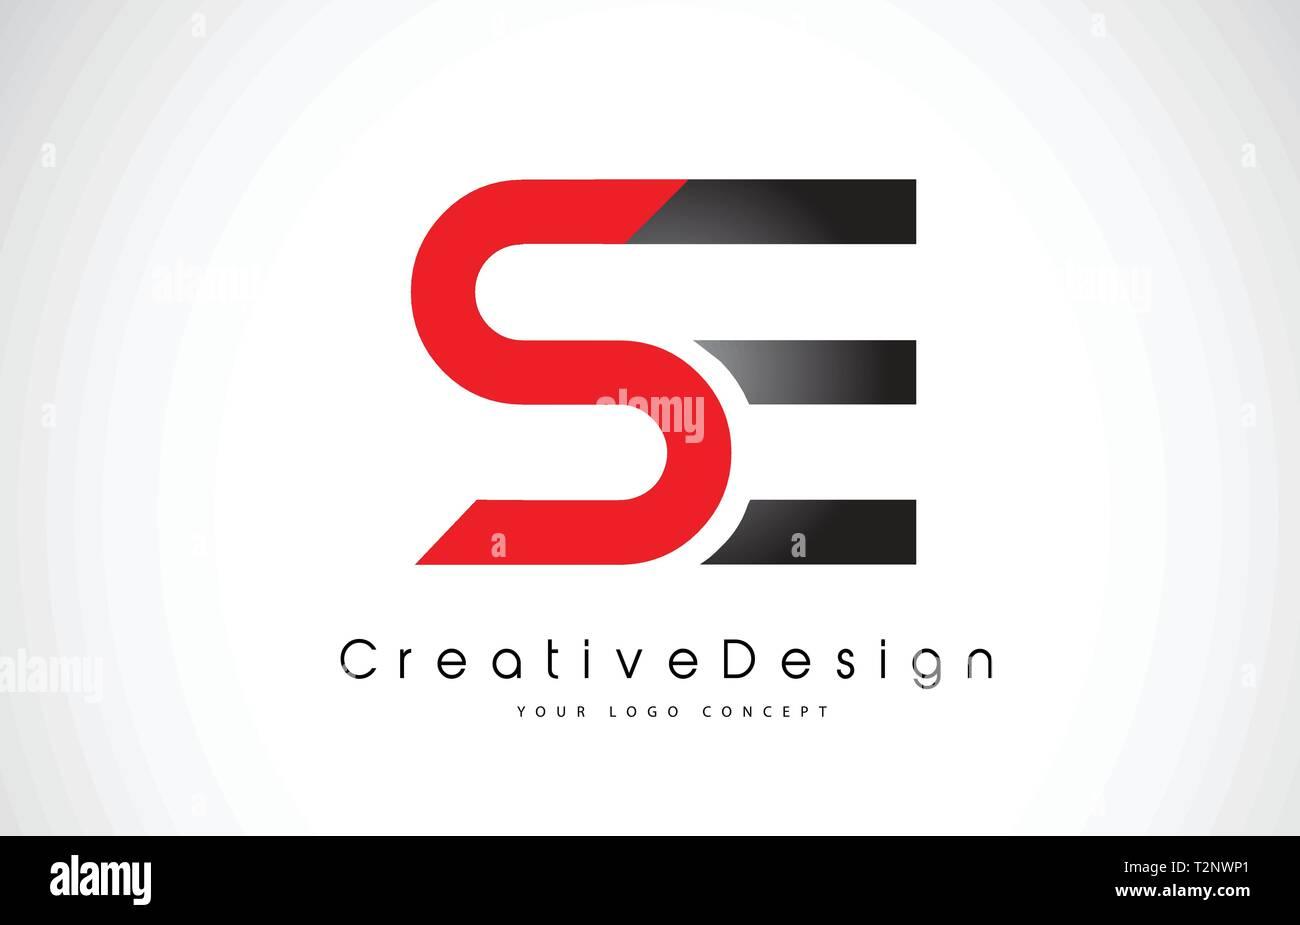 Le Rouge Et Le Noir Se S E Lettre Logo Design En Noir Couleurs Lettres Modernes De Creation Logo Icone Vecteur Illustration Image Vectorielle Stock Alamy